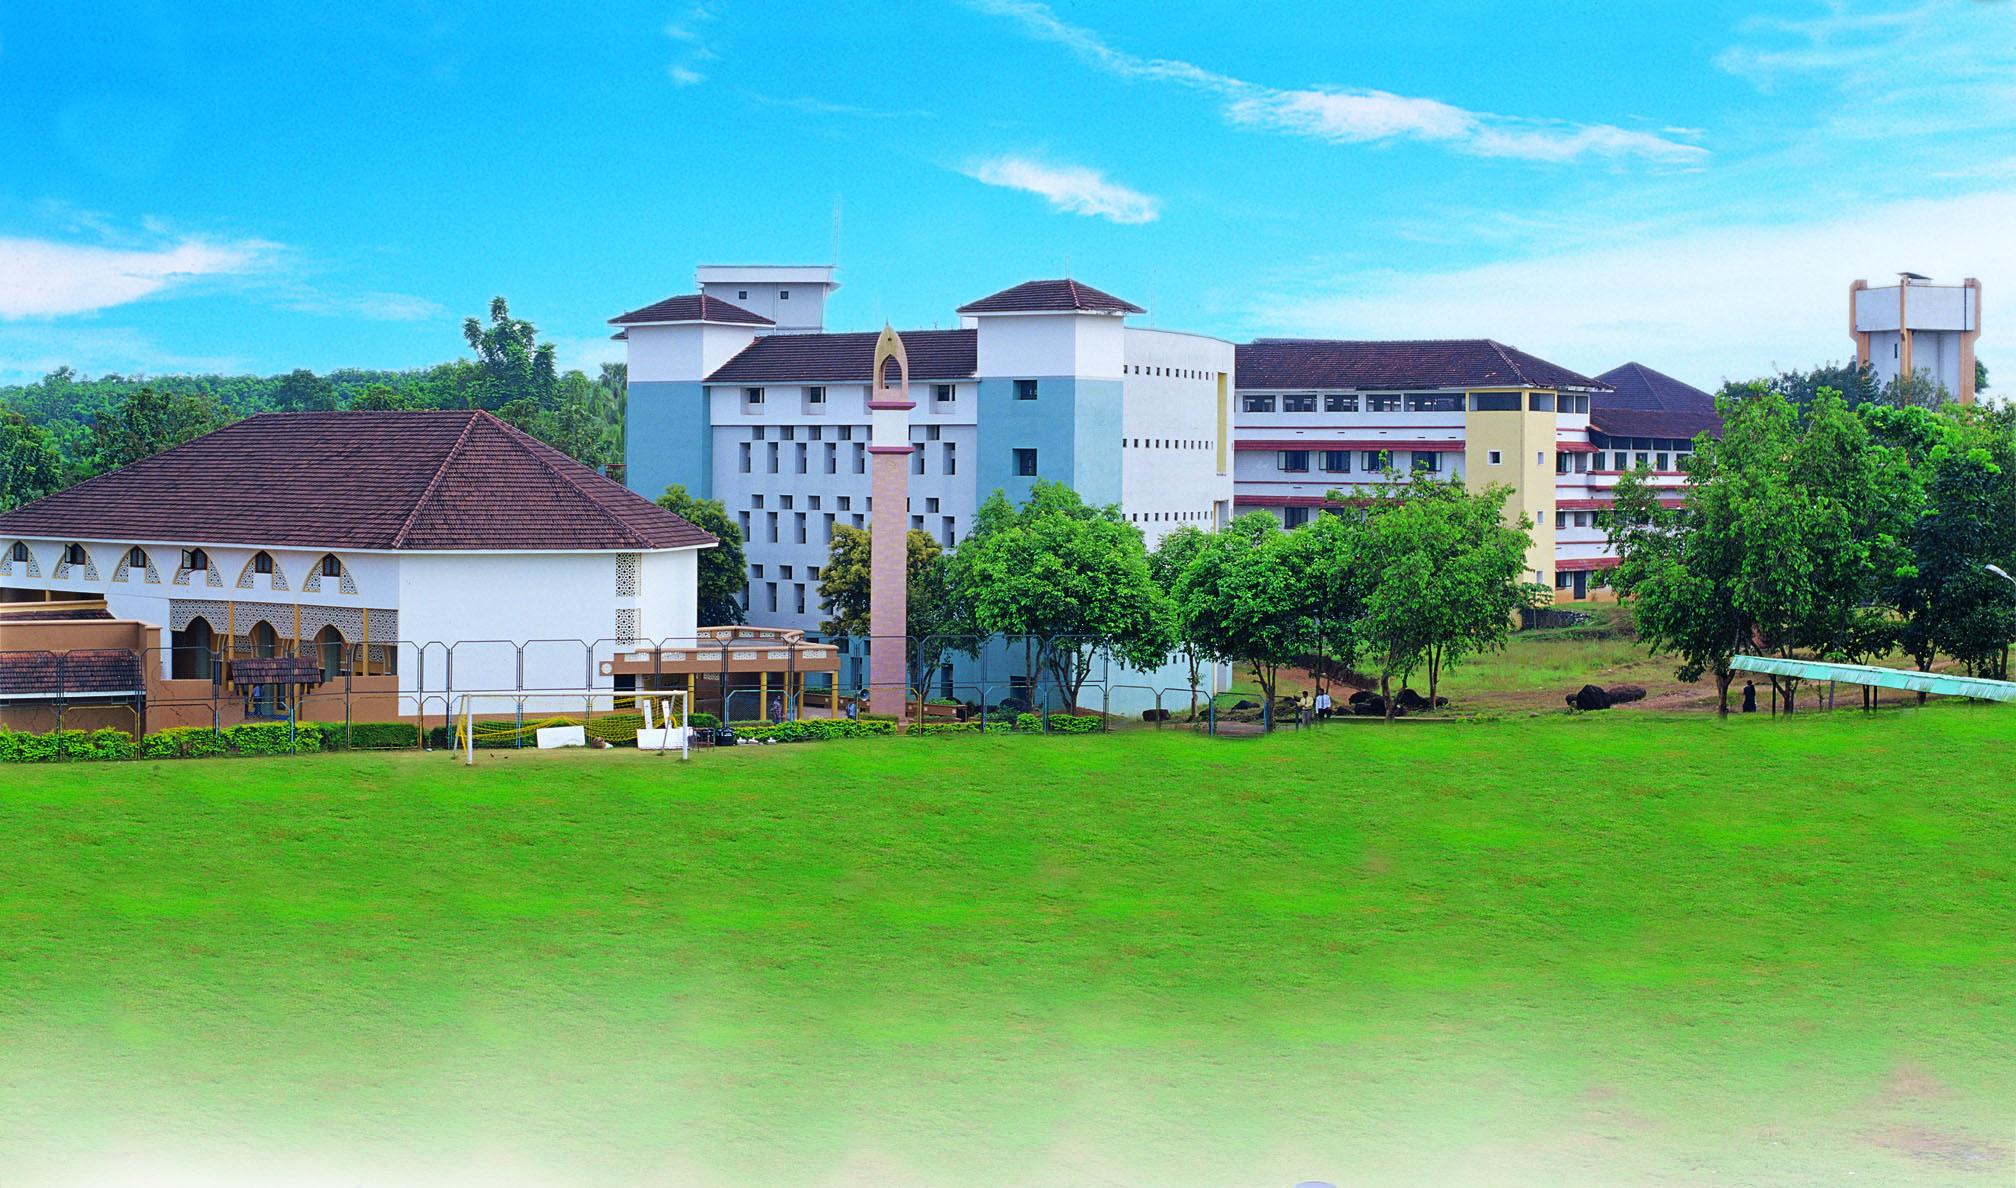 PEEVEES PUBLIC SCHOOL NILAMBUR MALAPPURAM DIST KERALA 930107